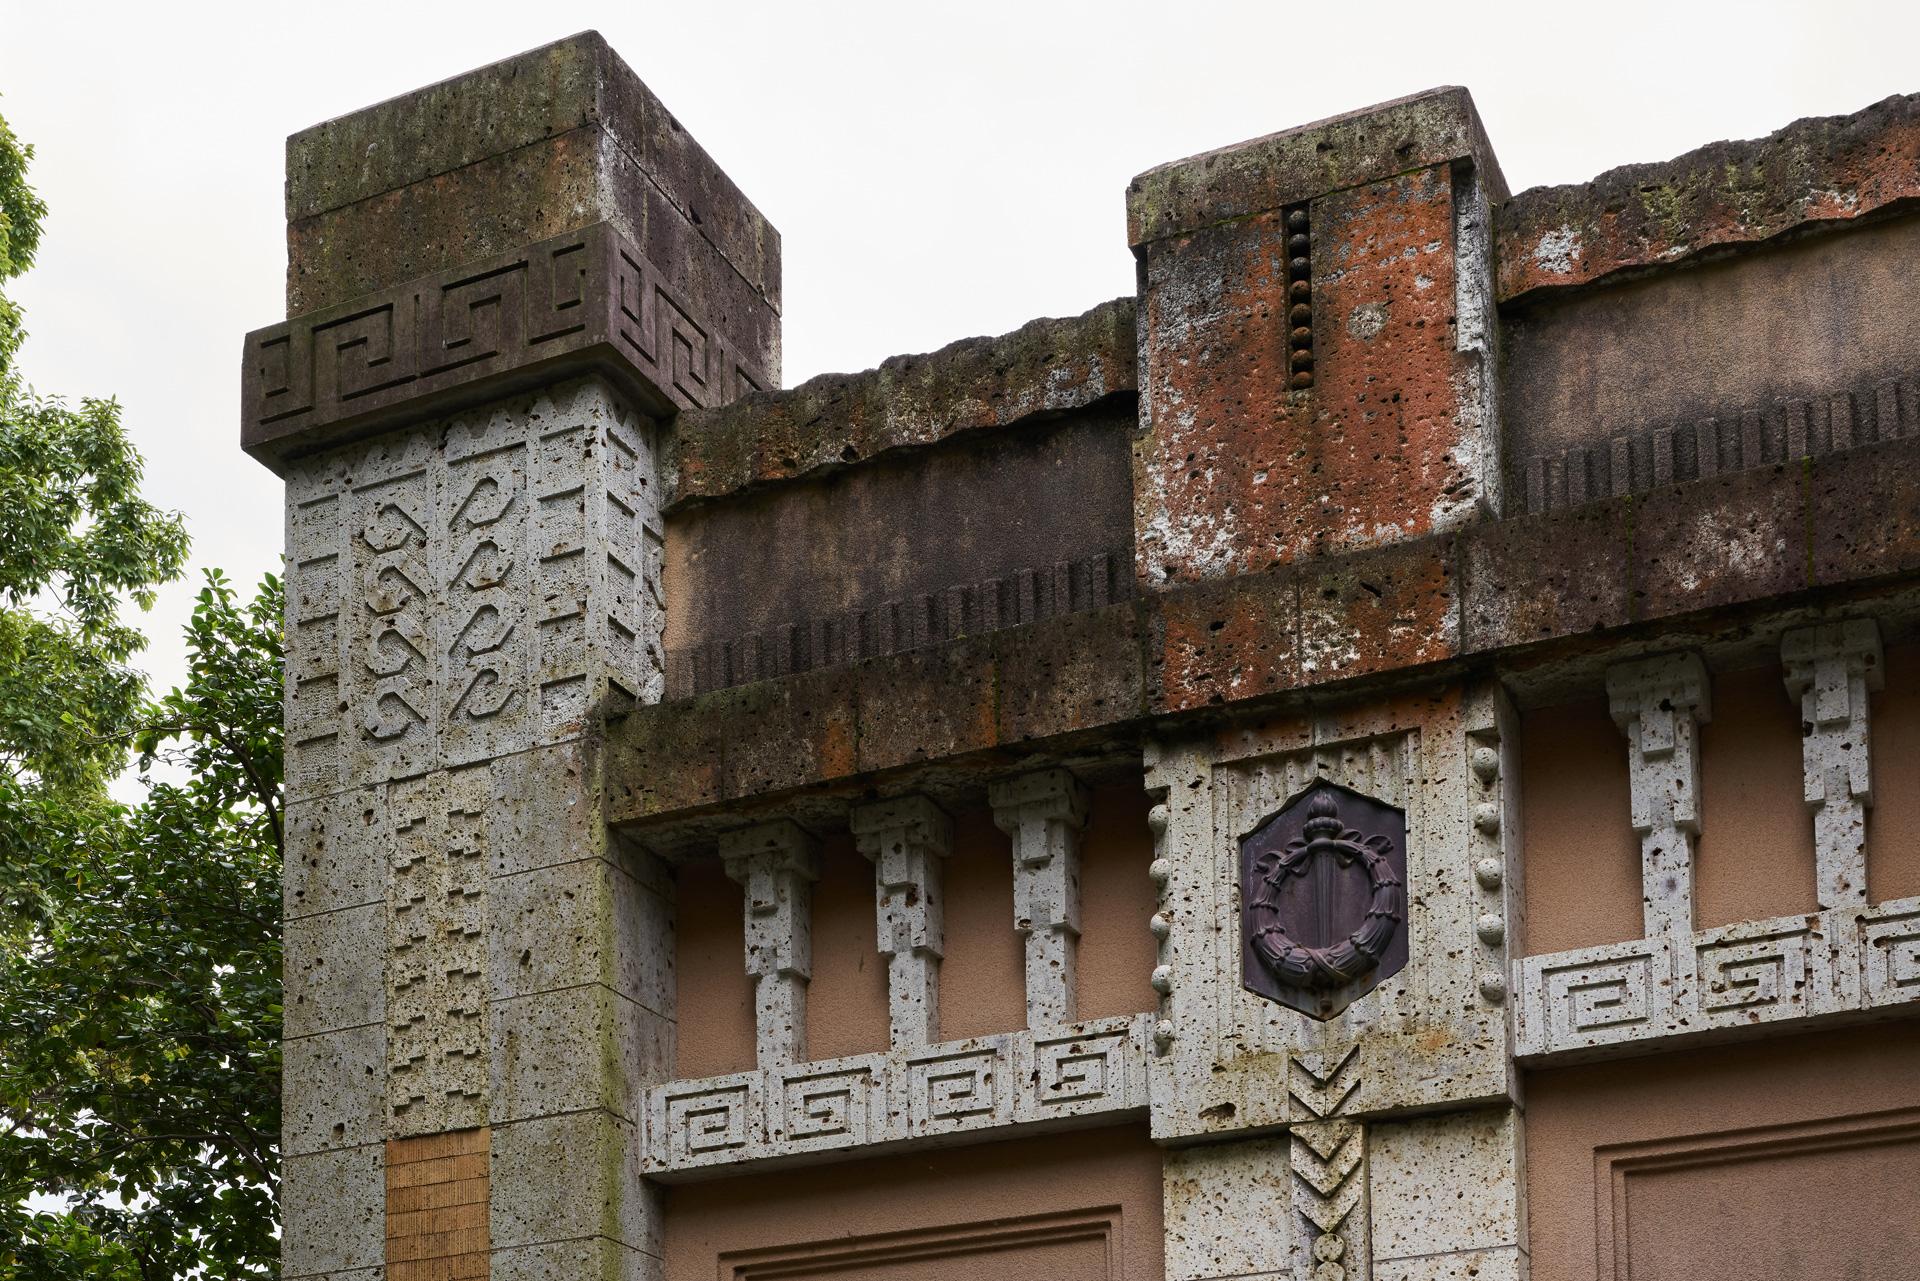 栃木県中央公園の旧商工会議所遺構